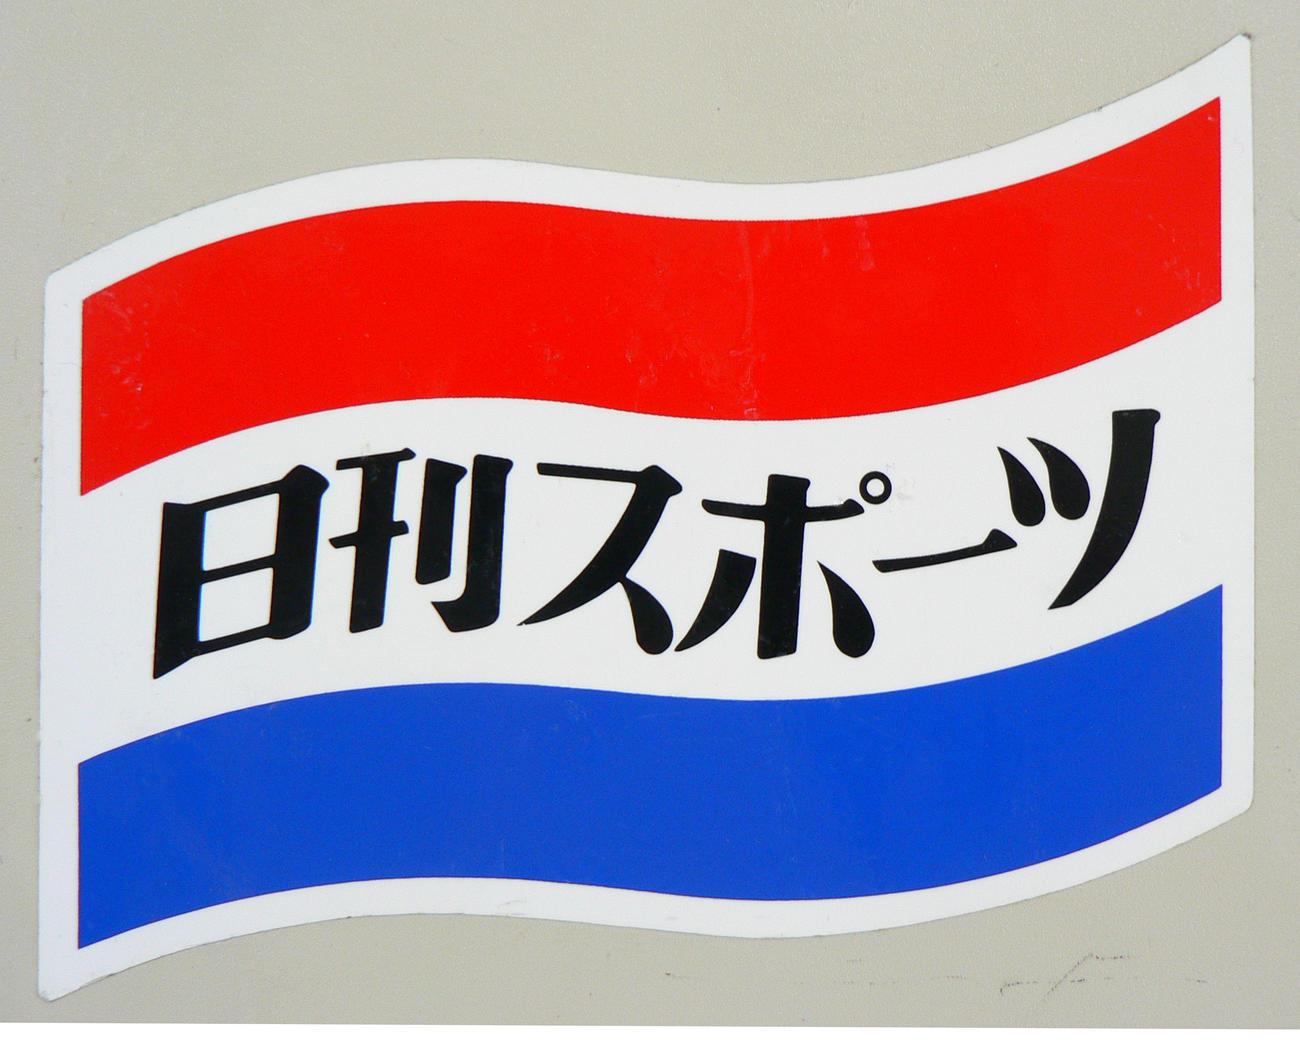 日刊スポーツの社旗